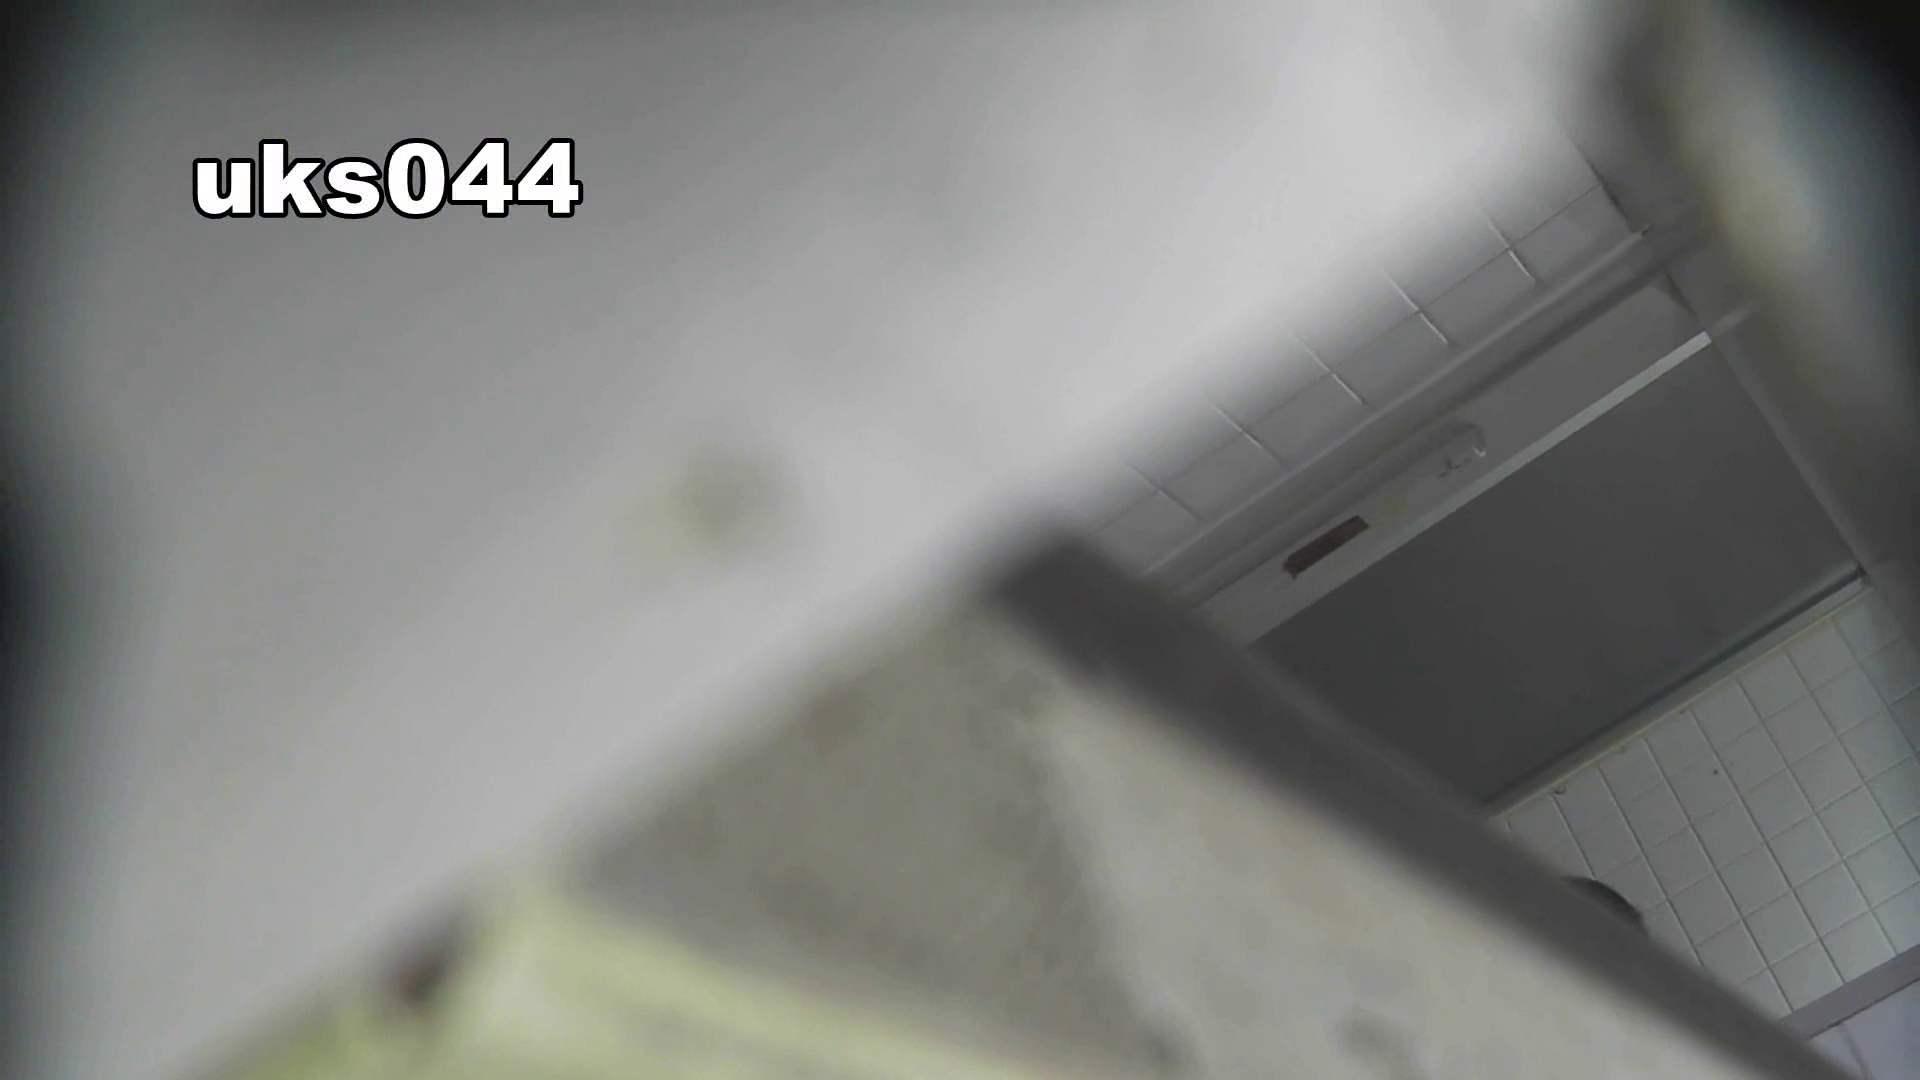 無修正エロ動画:【美しき個室な世界】 vol.044 8倍くらいケツ毛バーガー:怪盗ジョーカー